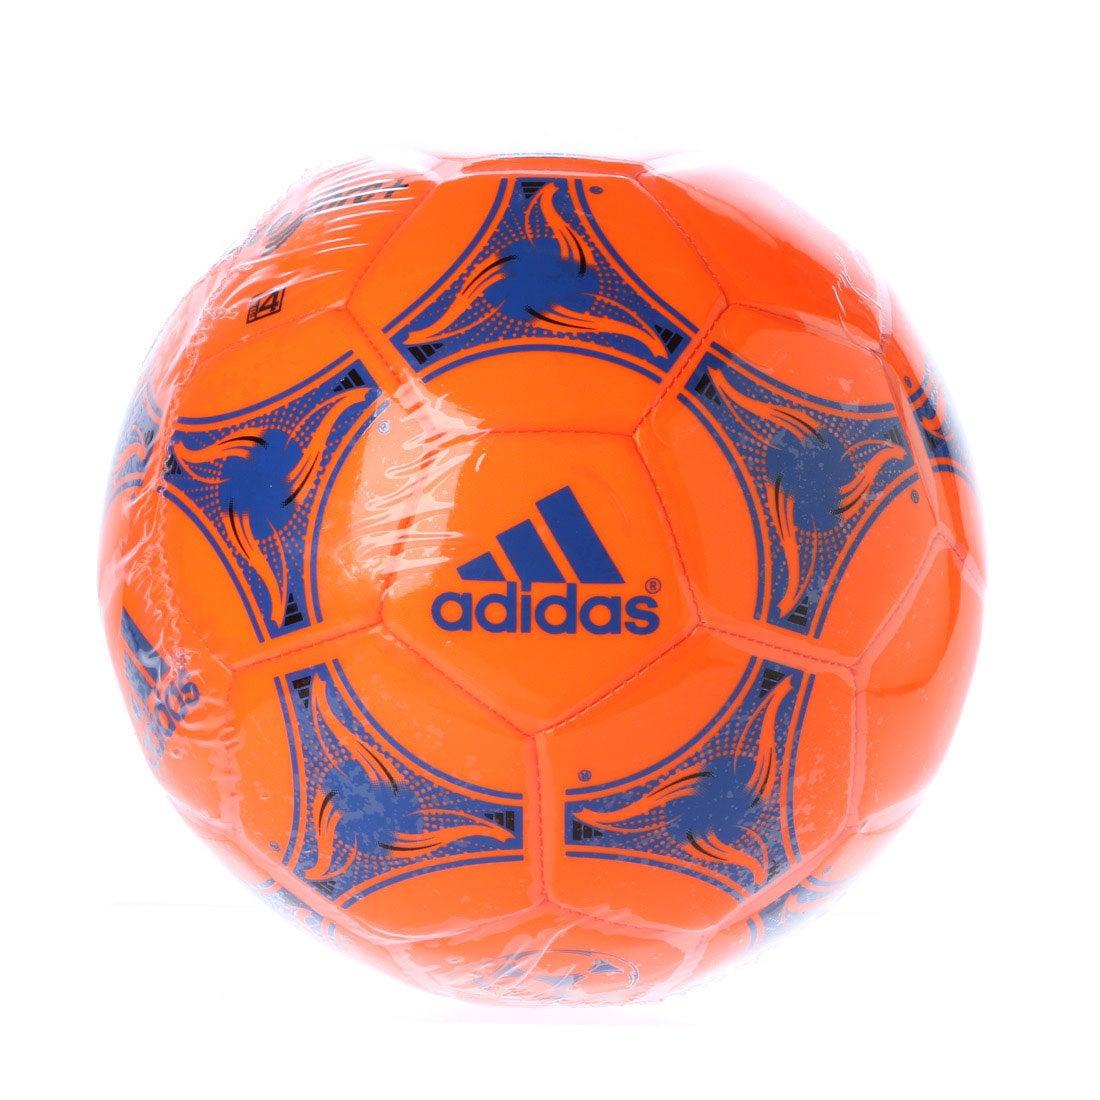 アディダス adidas ジュニア サッカー 練習球 トリコロール クラブプロ AF4818ORB